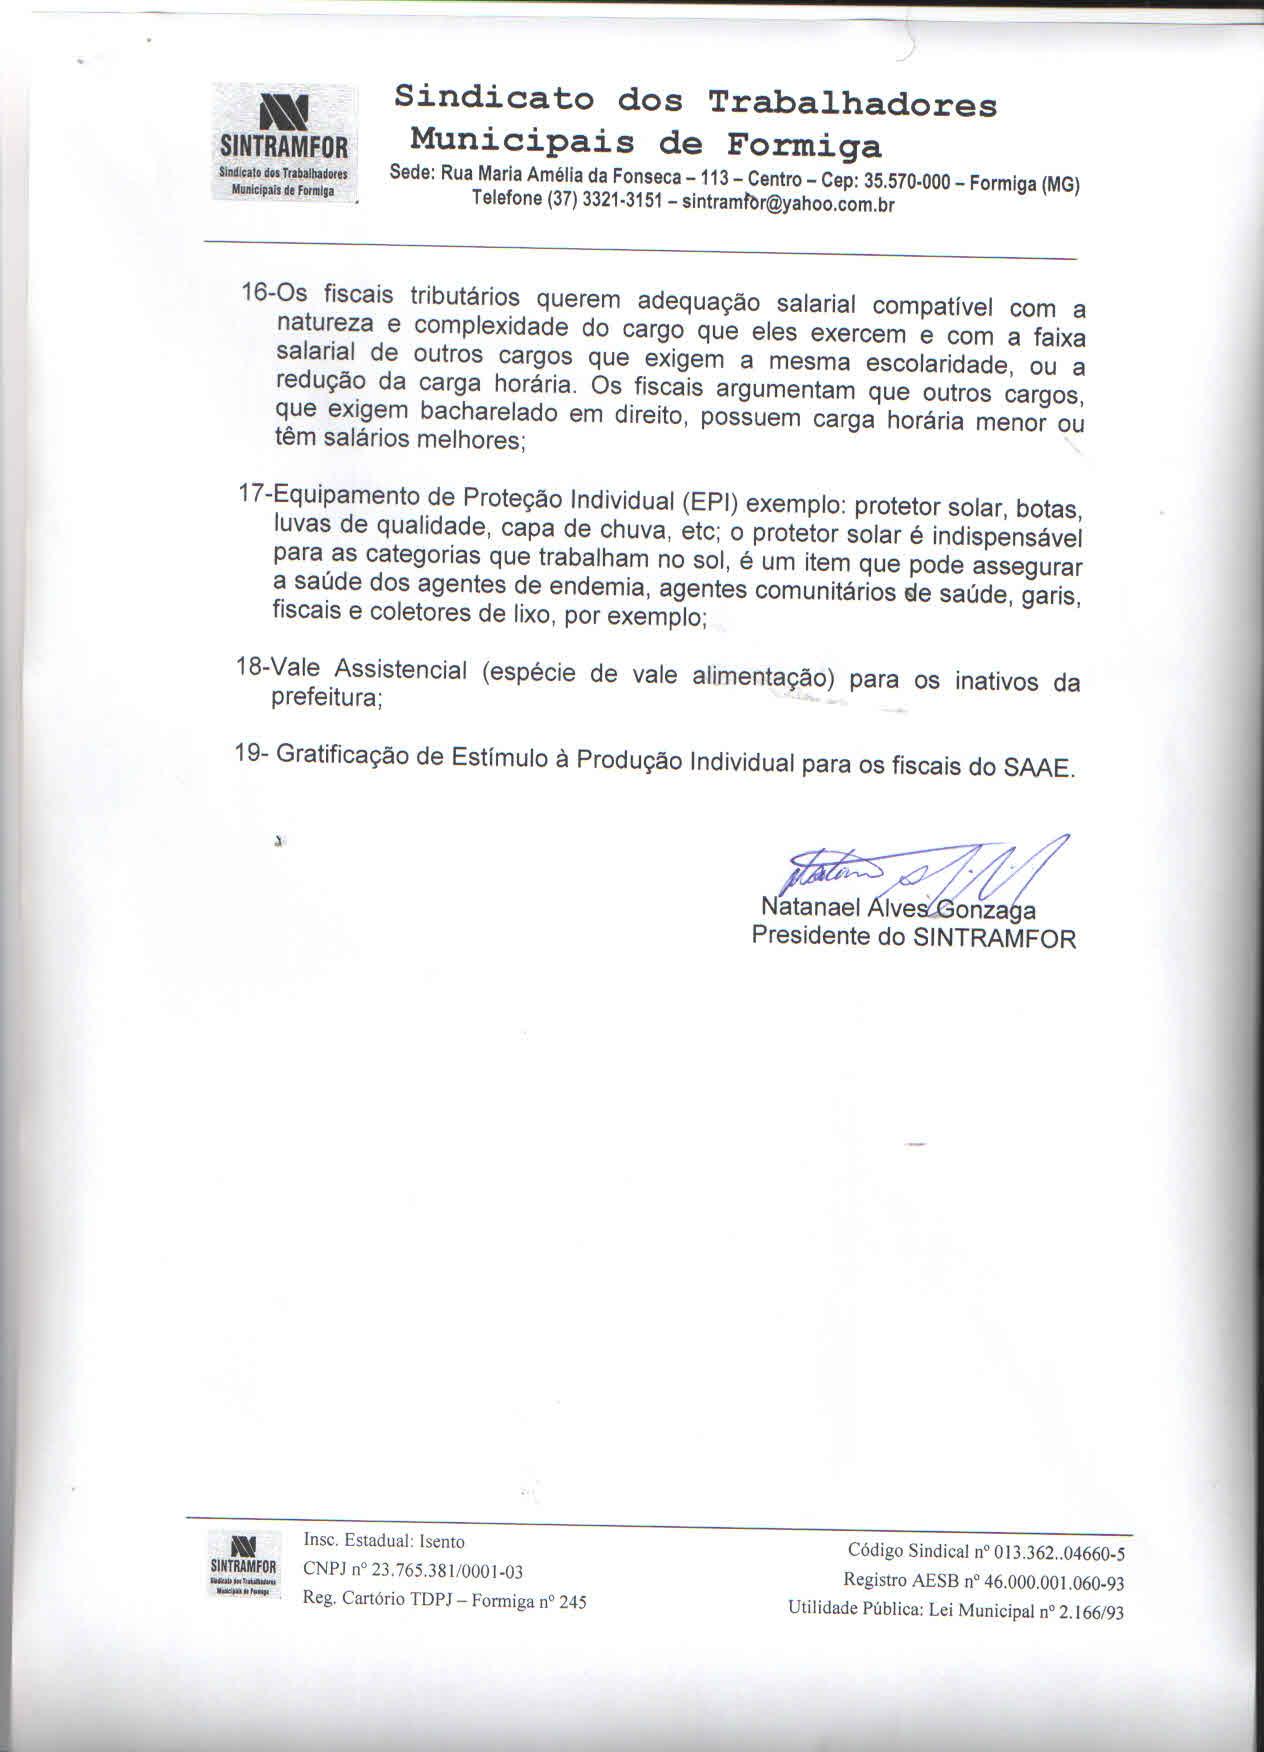 pauta 2014(pag 1)2